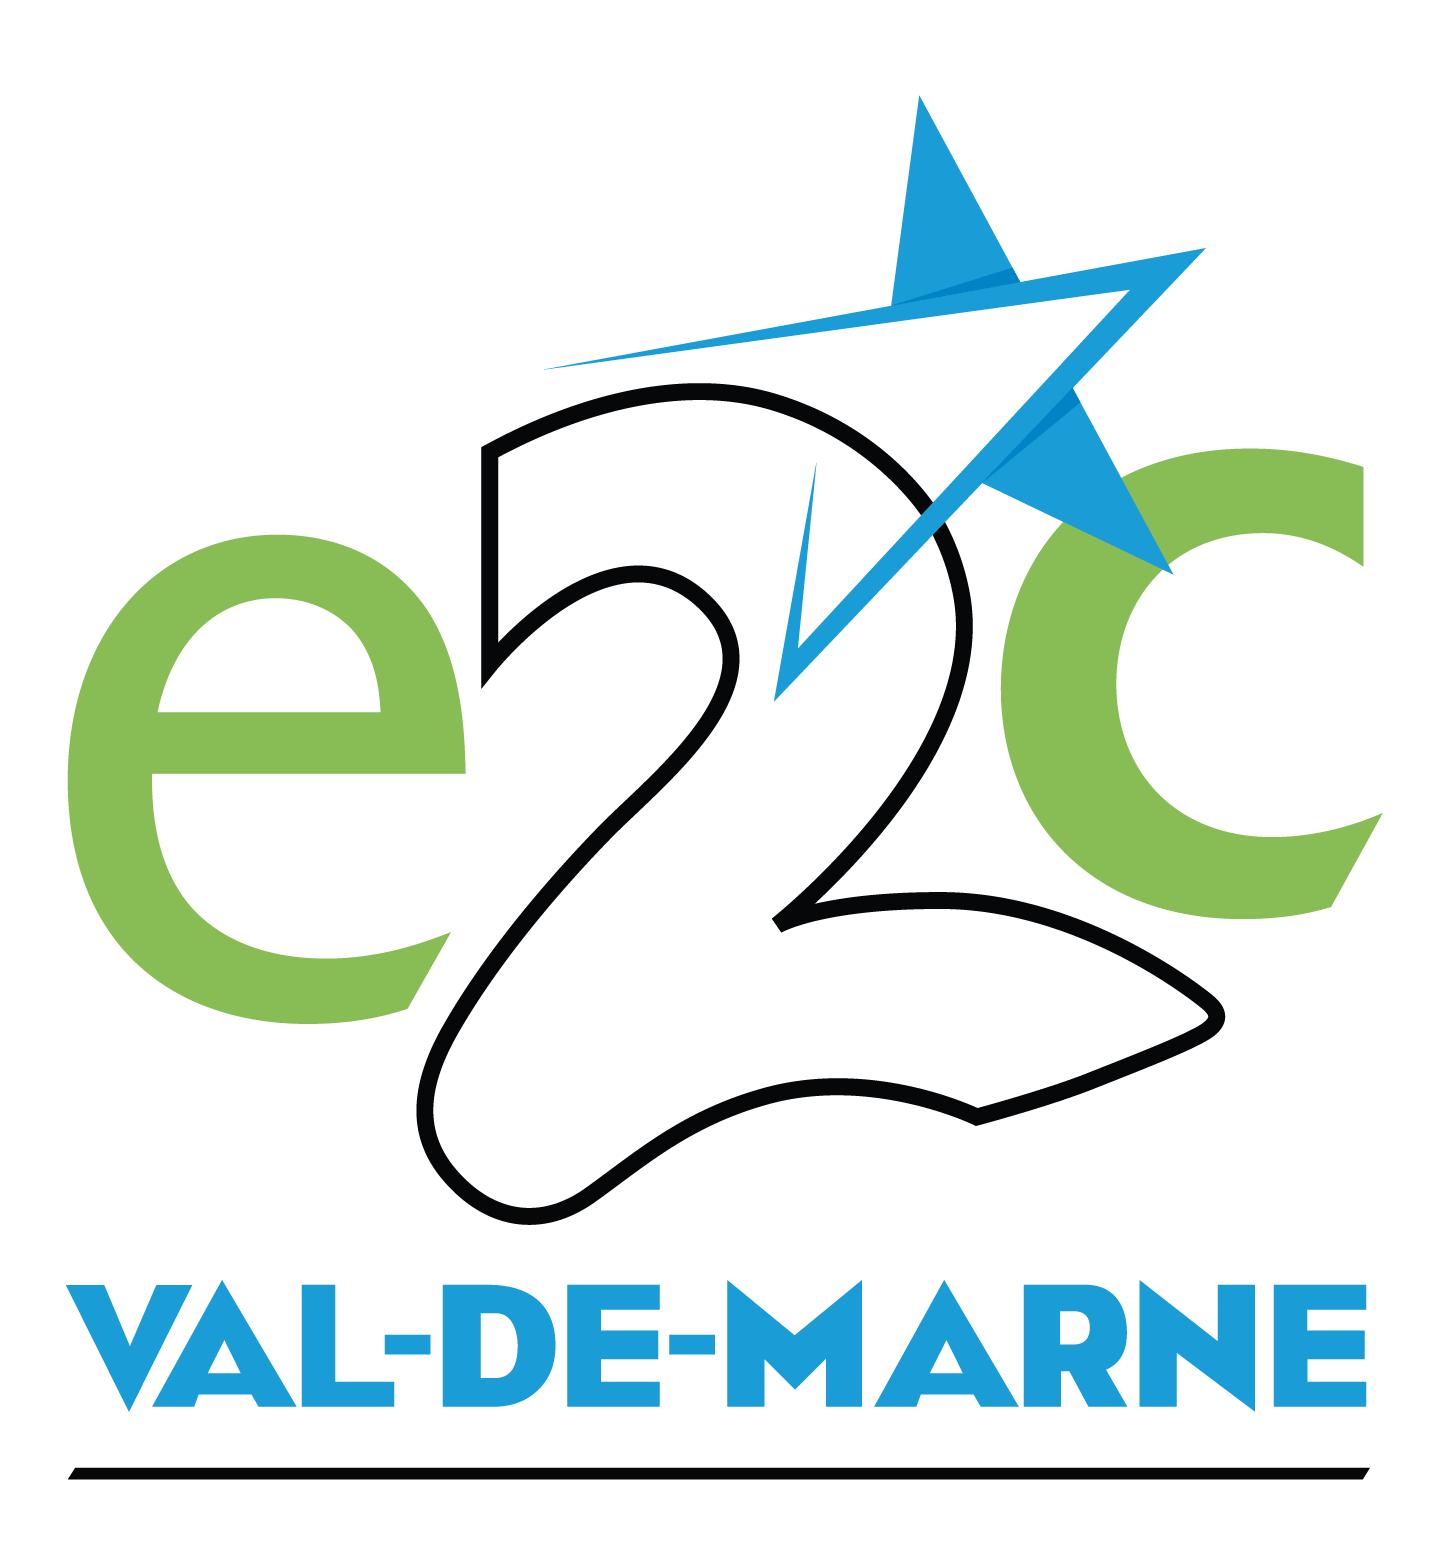 E2C94, école de la 2eme chance Val-de-Marne